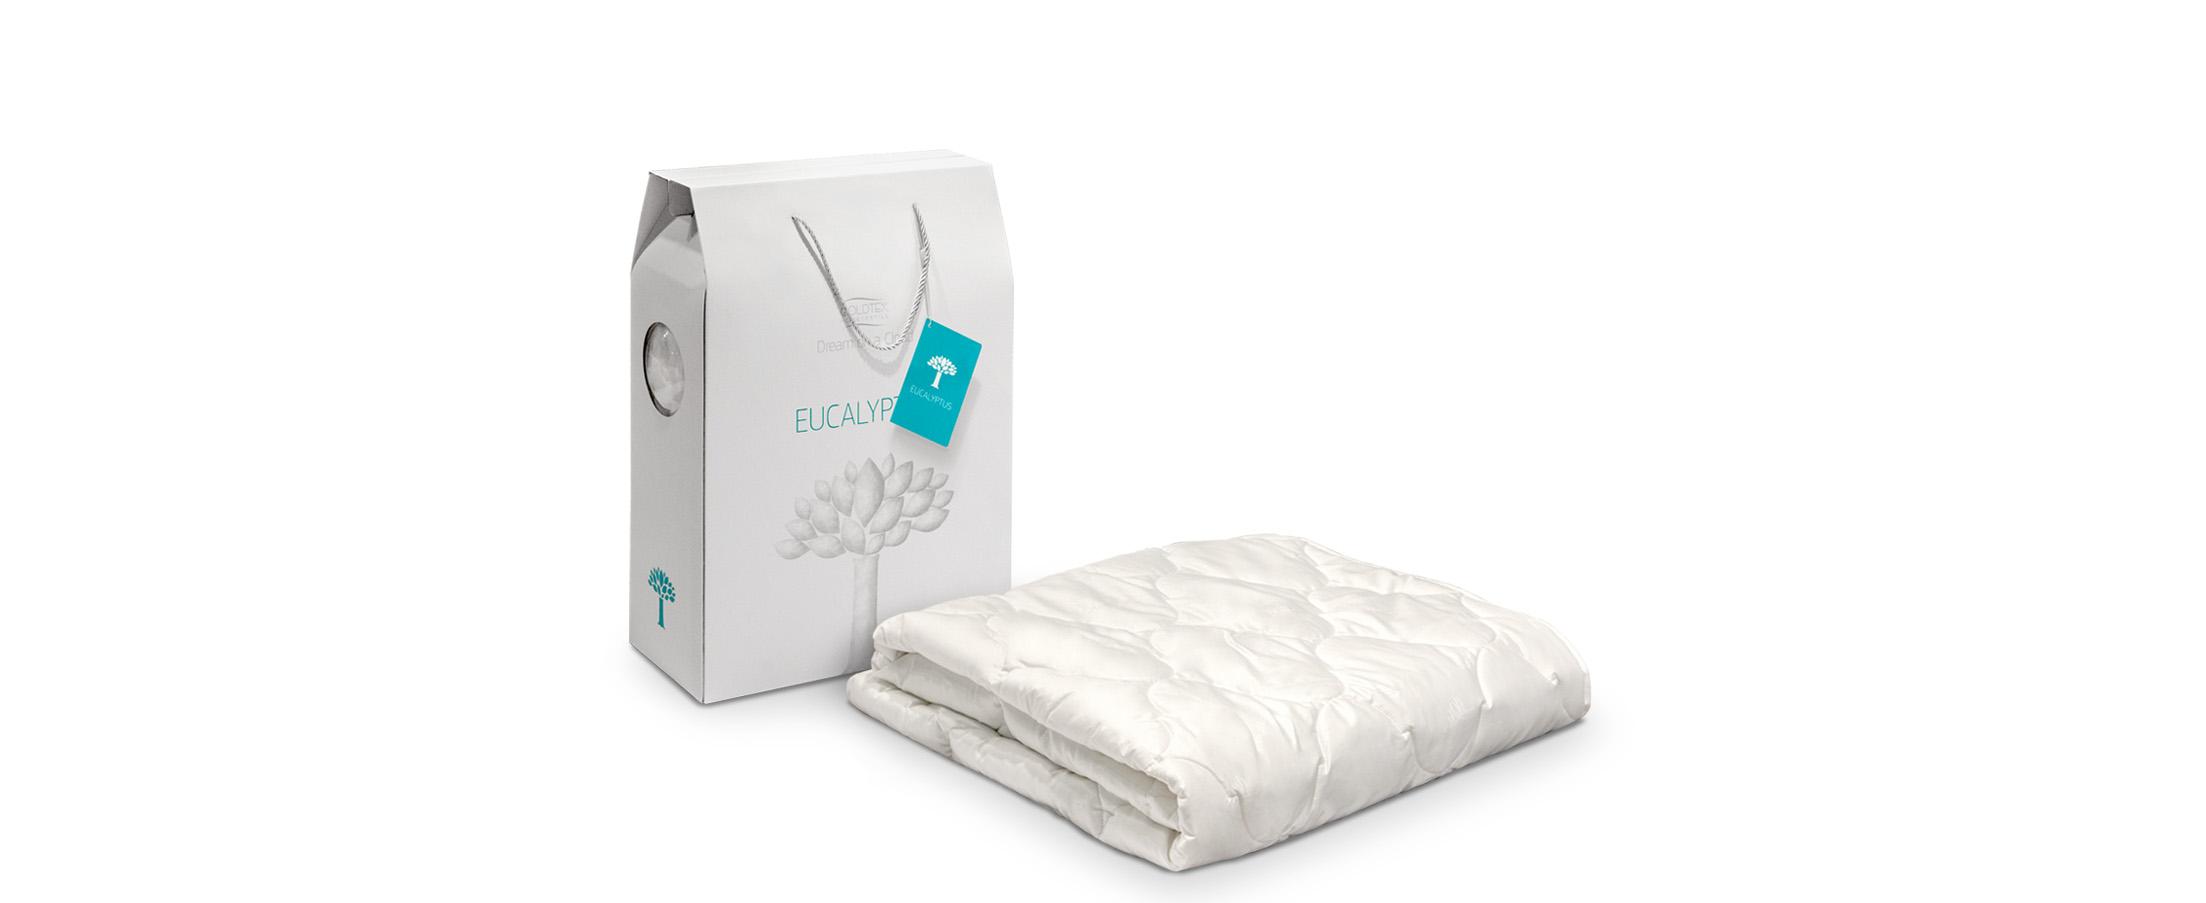 Одеяло Eucaliptus 172х205Постельные принадлежности линейки ECALIPTUS изготовлены из натуральных материалов: хлопковый сатин и наполнитель растительного происхождения Tencel. Купить в интернет-магазине MOON TRADE.